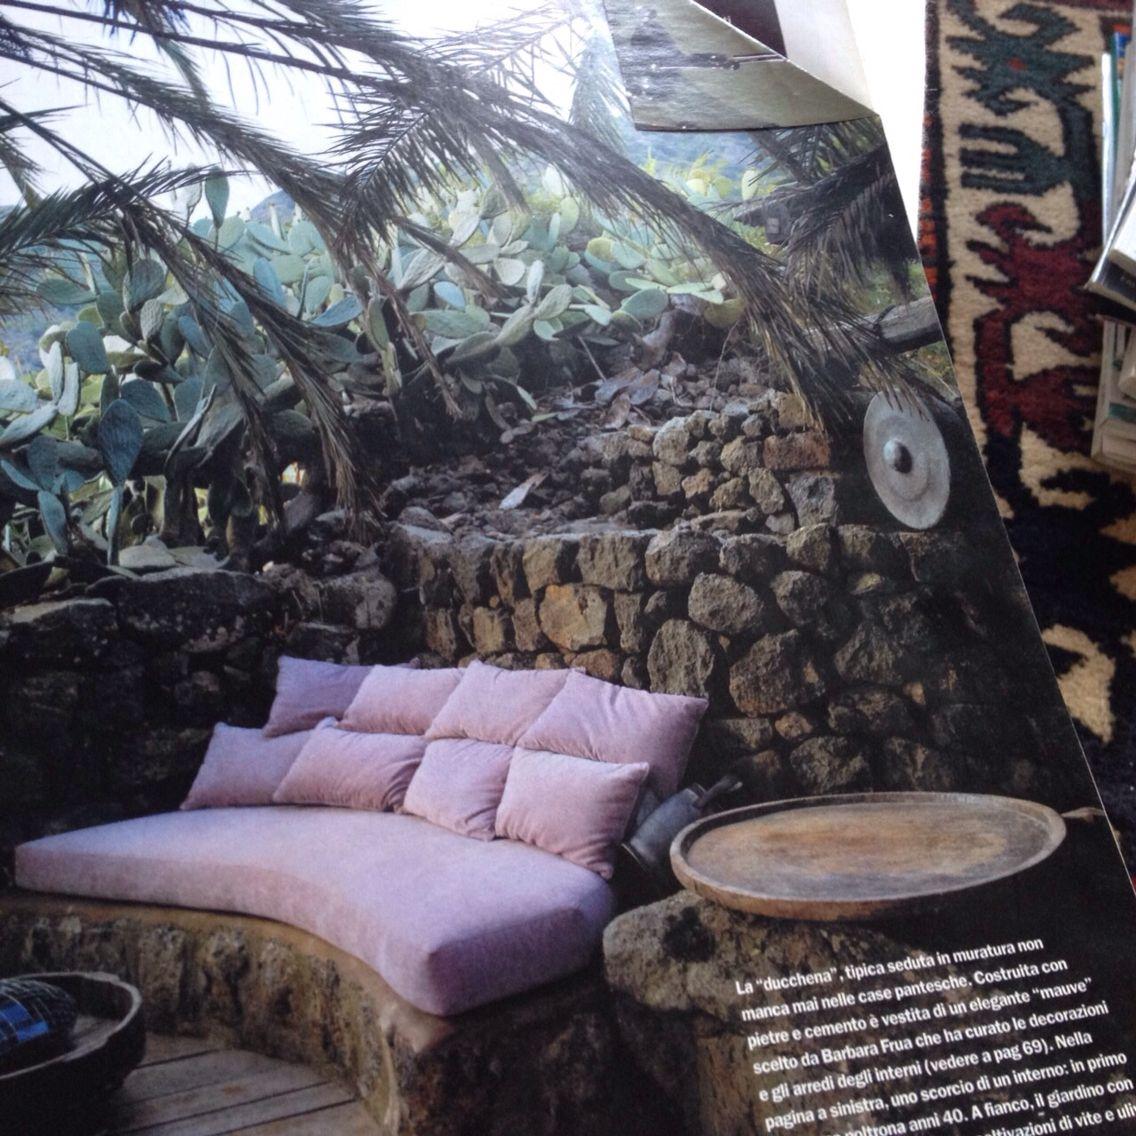 Idea for a cosy hidden spot in the garden